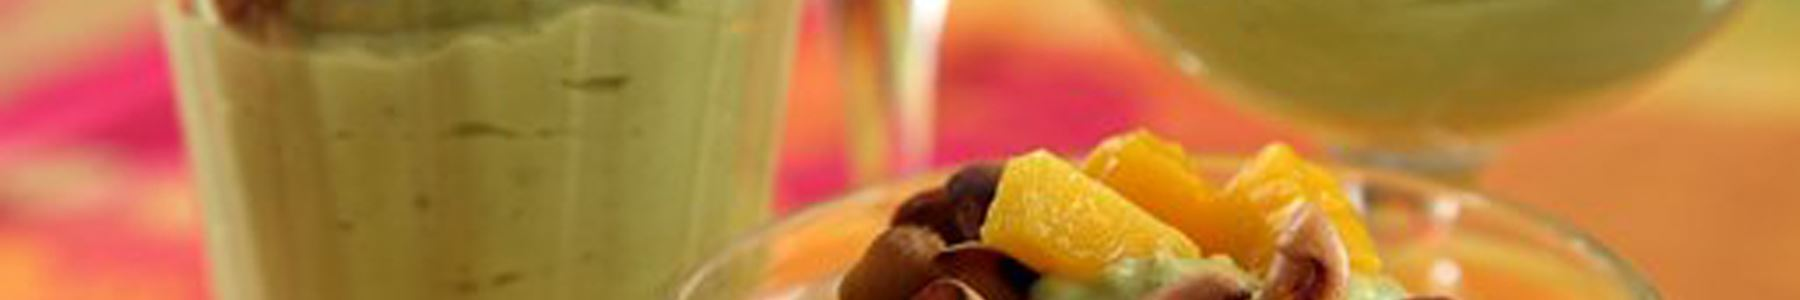 Avokado + Snacks + Veckomatsedel